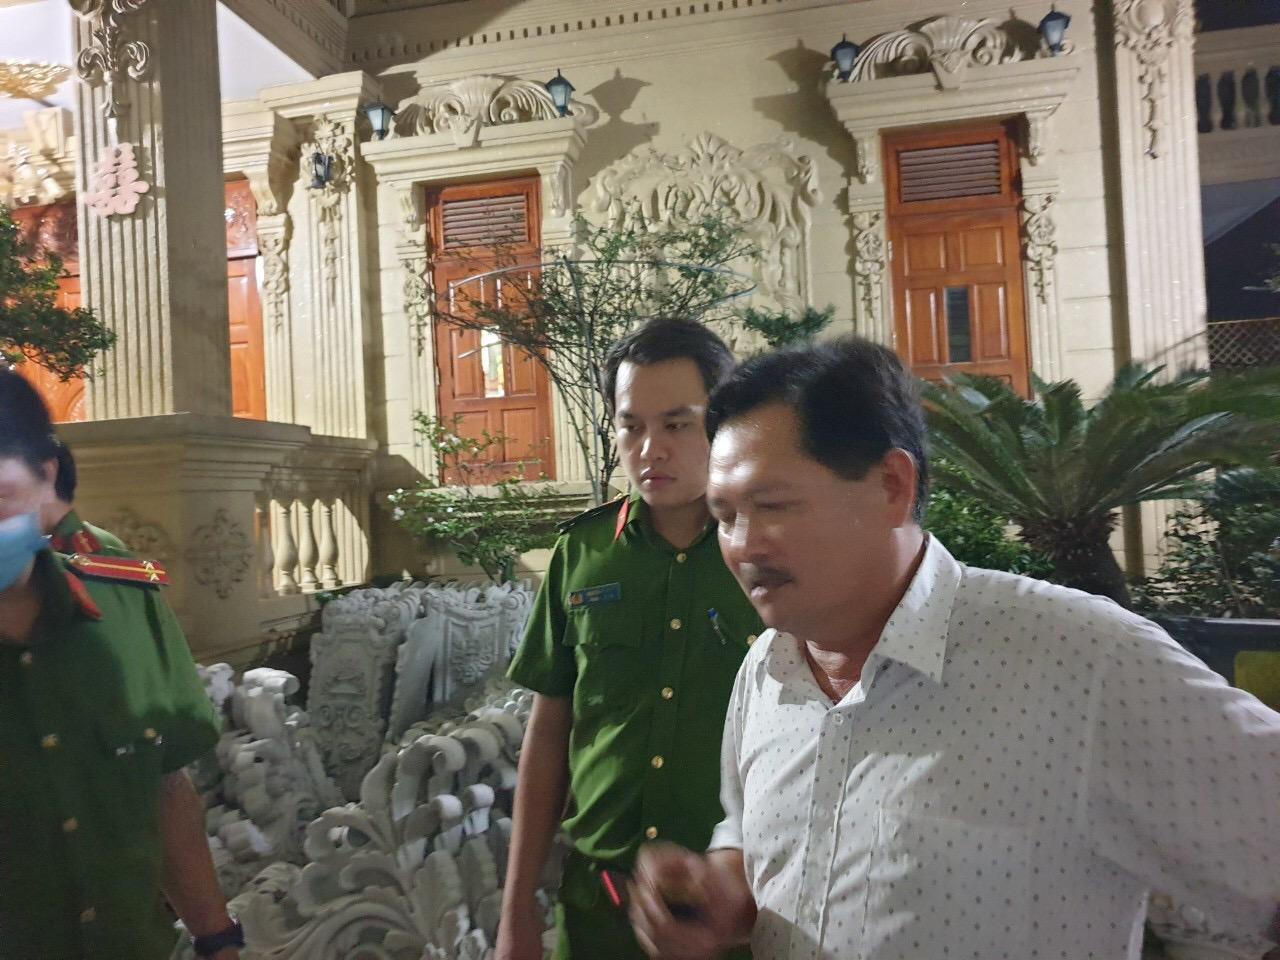 """Nữ đại gia Vũng Tàu - vợ diễn viên vừa bị bắt liên quan thế nào với ông chủ biệt thự dát vàng Thiện """"Soi""""? - Ảnh 2."""